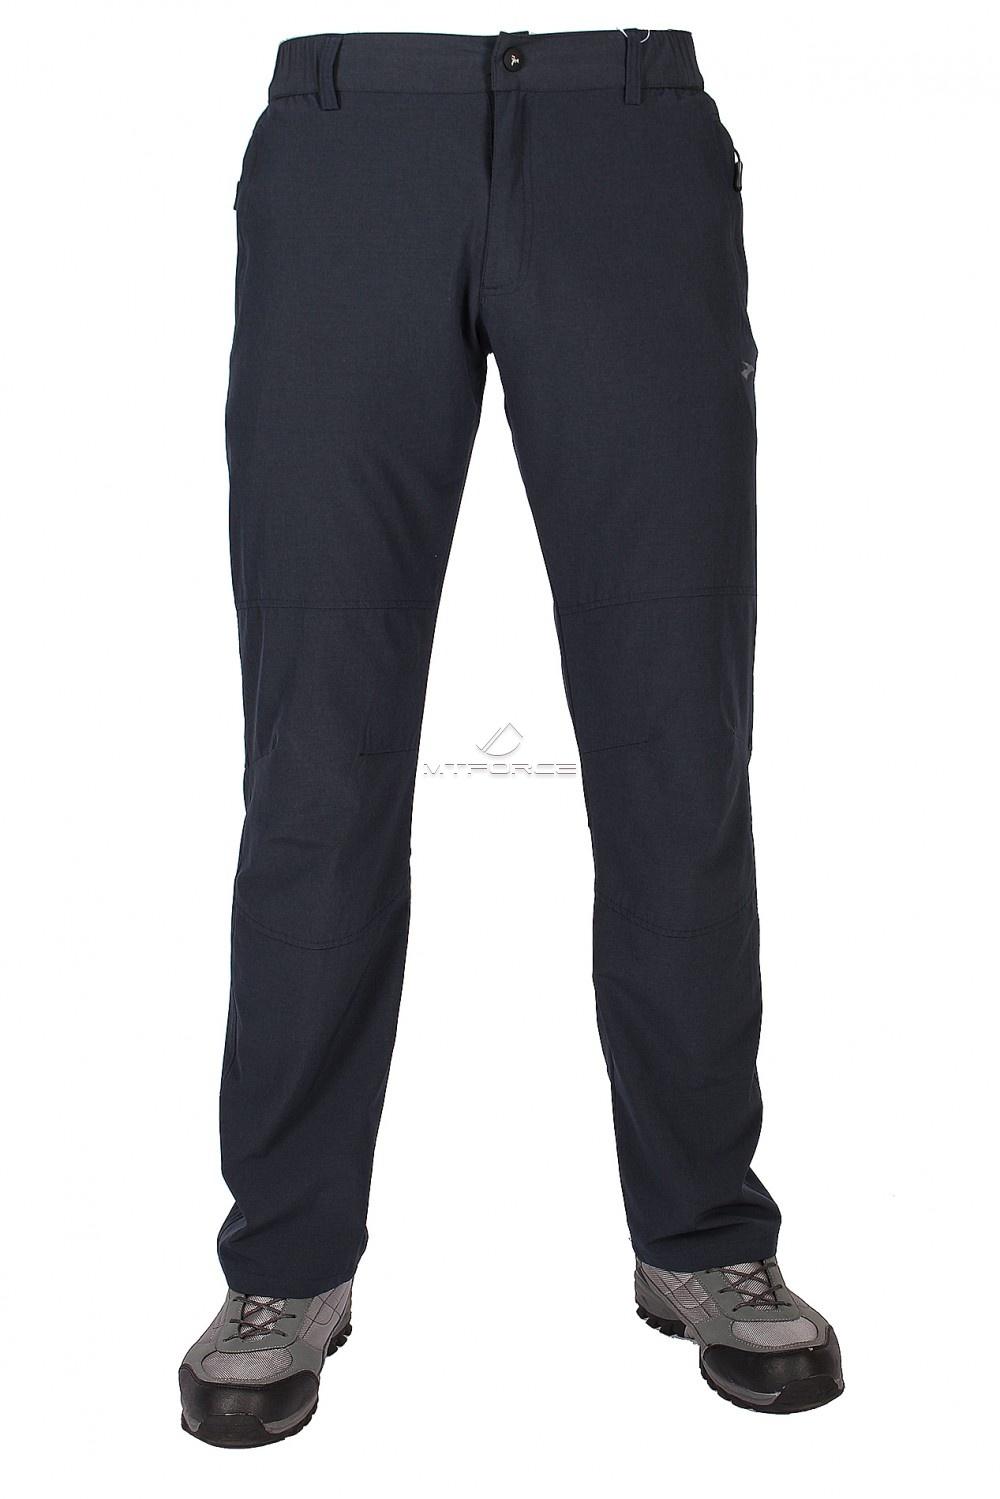 Купить оптом Брюки стильные мягкие спортивные  темно-синего цвета 9605TS в Новосибирске